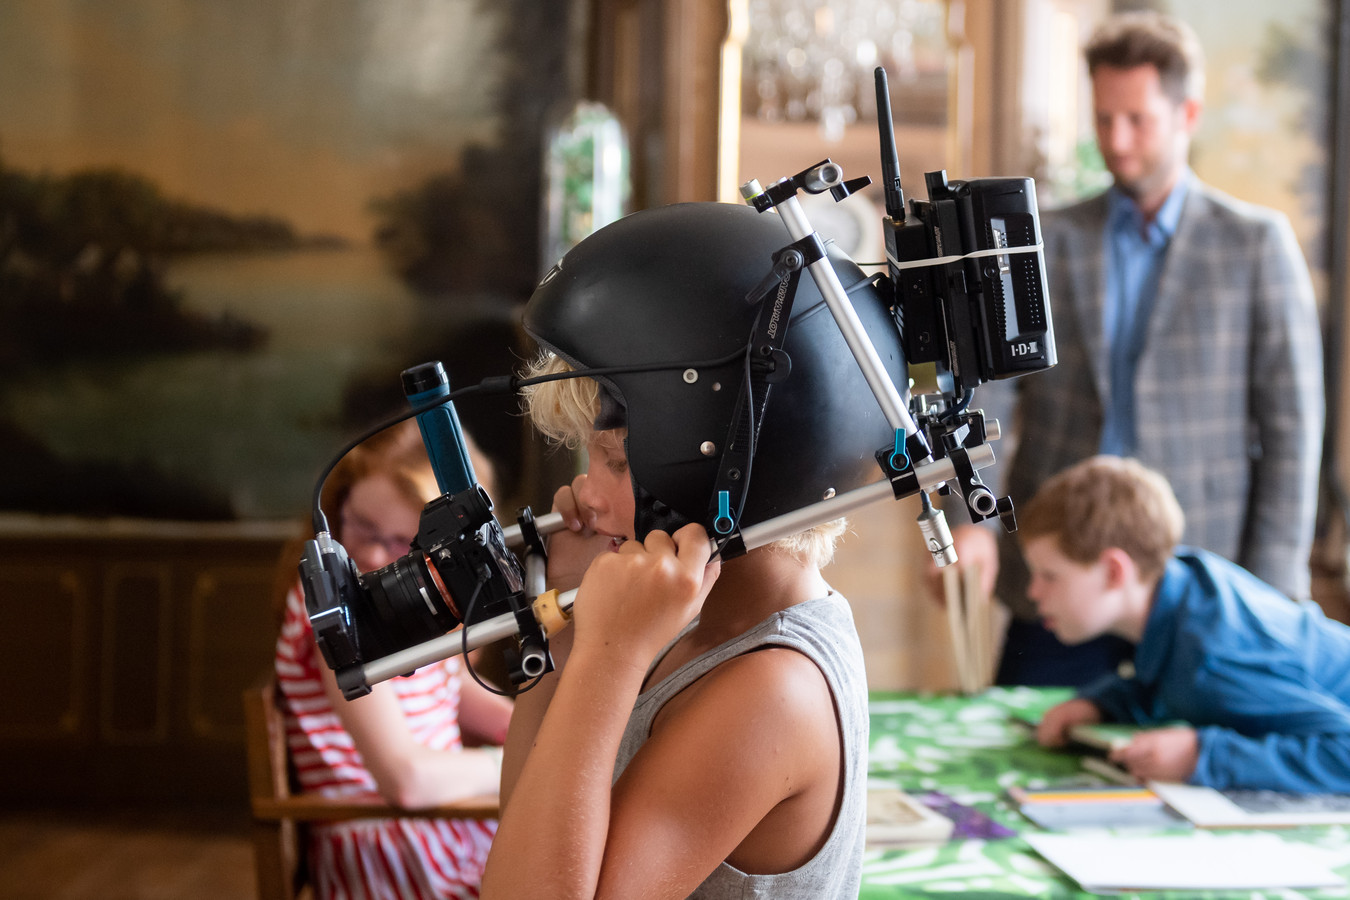 De jonge Vincent van Gogh met filmhelm tijdens de opnames van de film in de pastorie in Zundert.